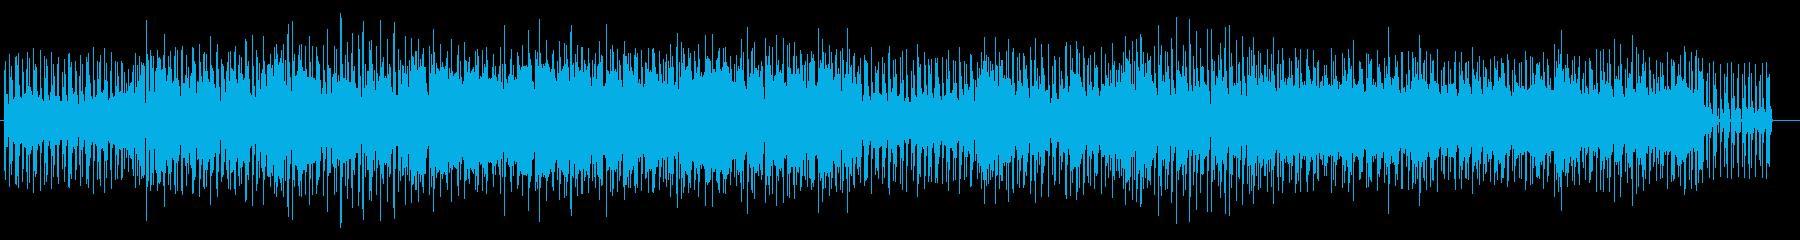 ポップな春BGM オーケストラとウクレレの再生済みの波形